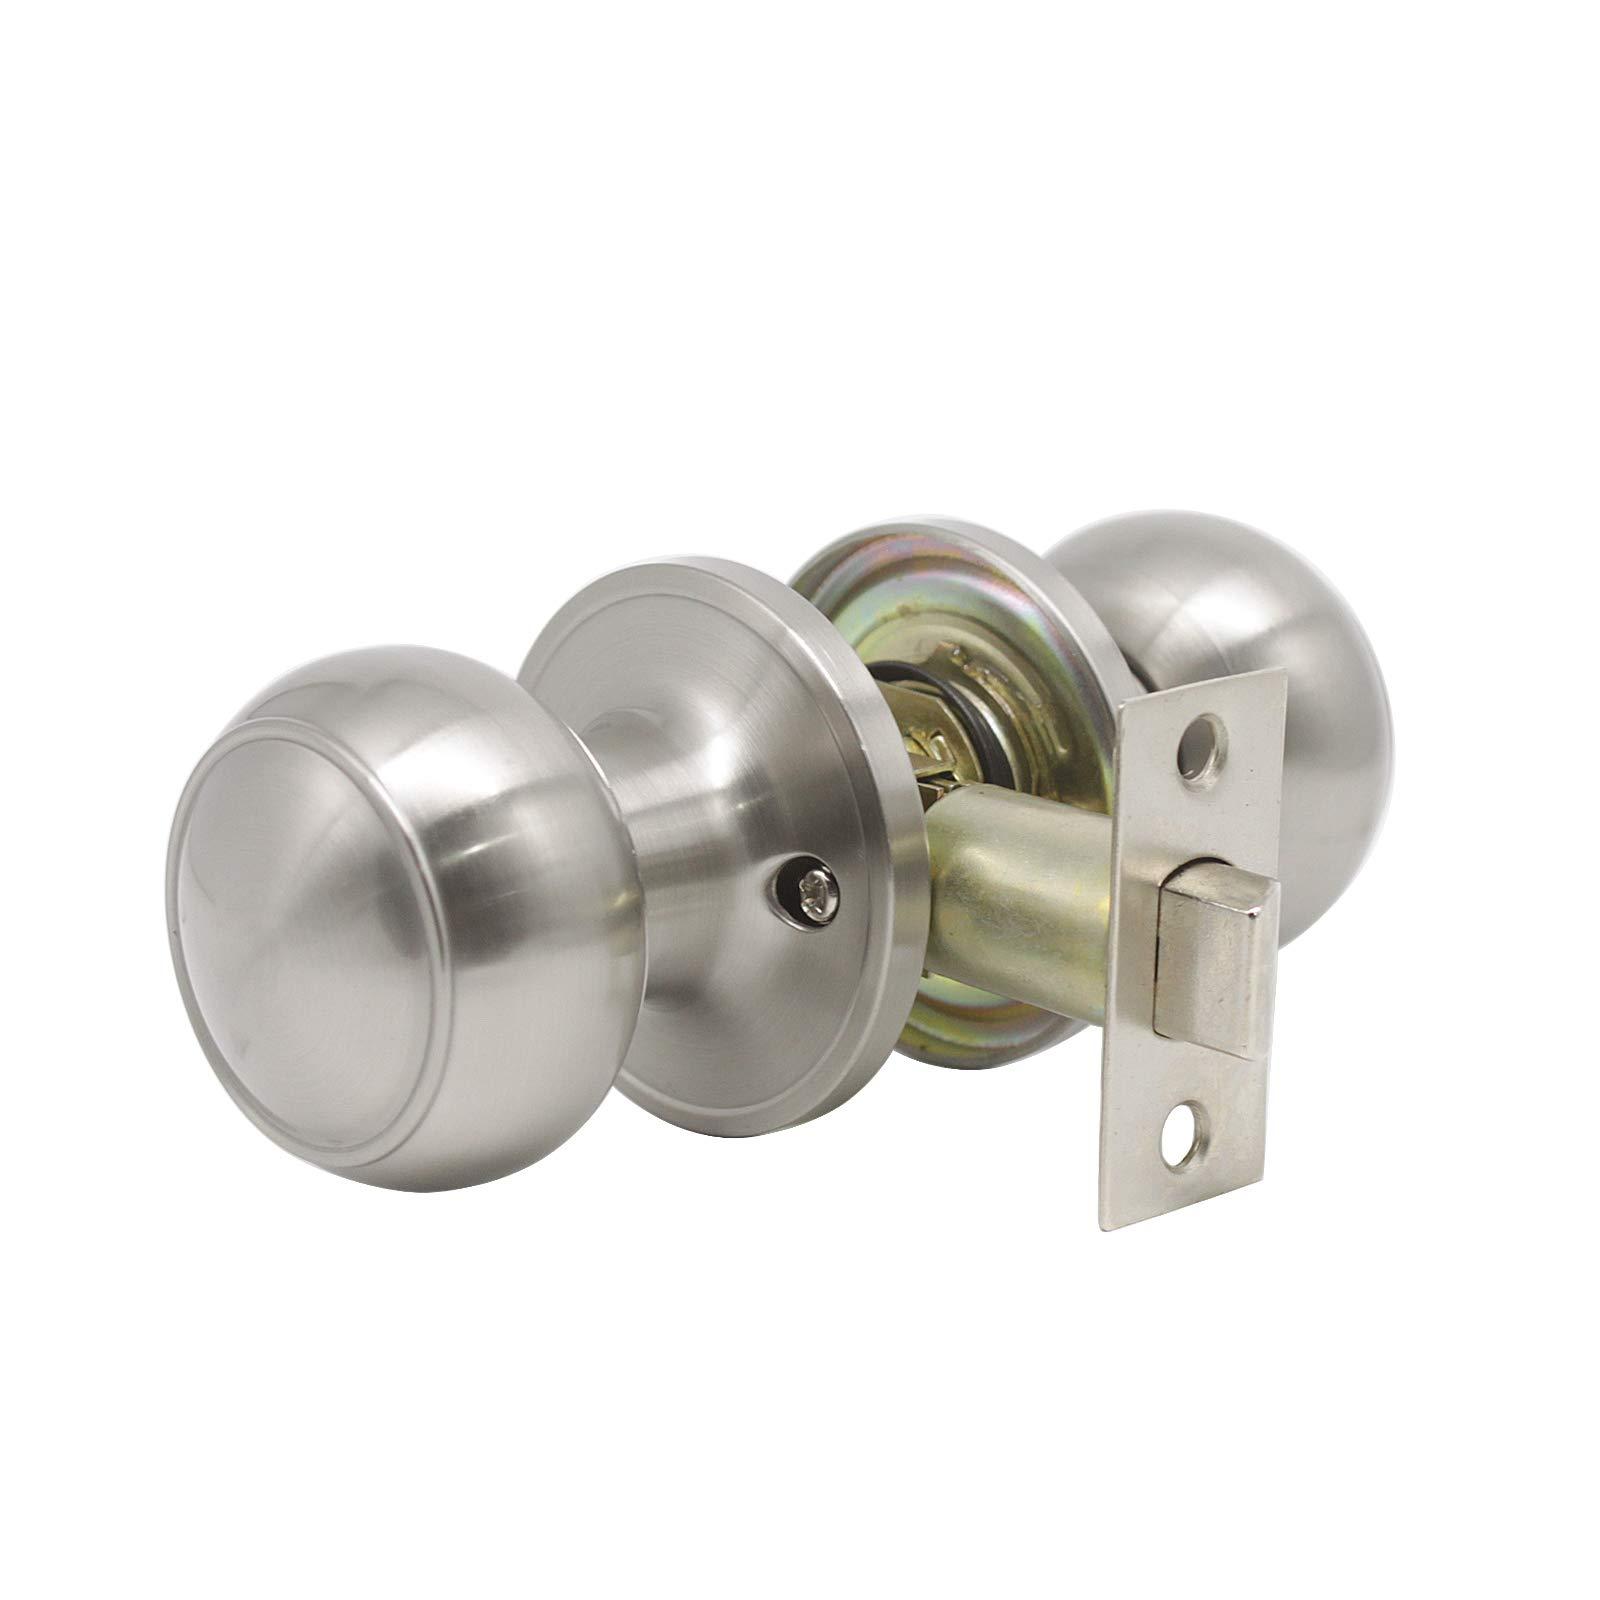 8 Pack Probrico Interior Passage Keyless Door Knobs Door Lock Handle Handleset Lockset Without Key Doorknobs Satin Nickel for Hall/Closet-Door Knob 609 by Probrico (Image #3)